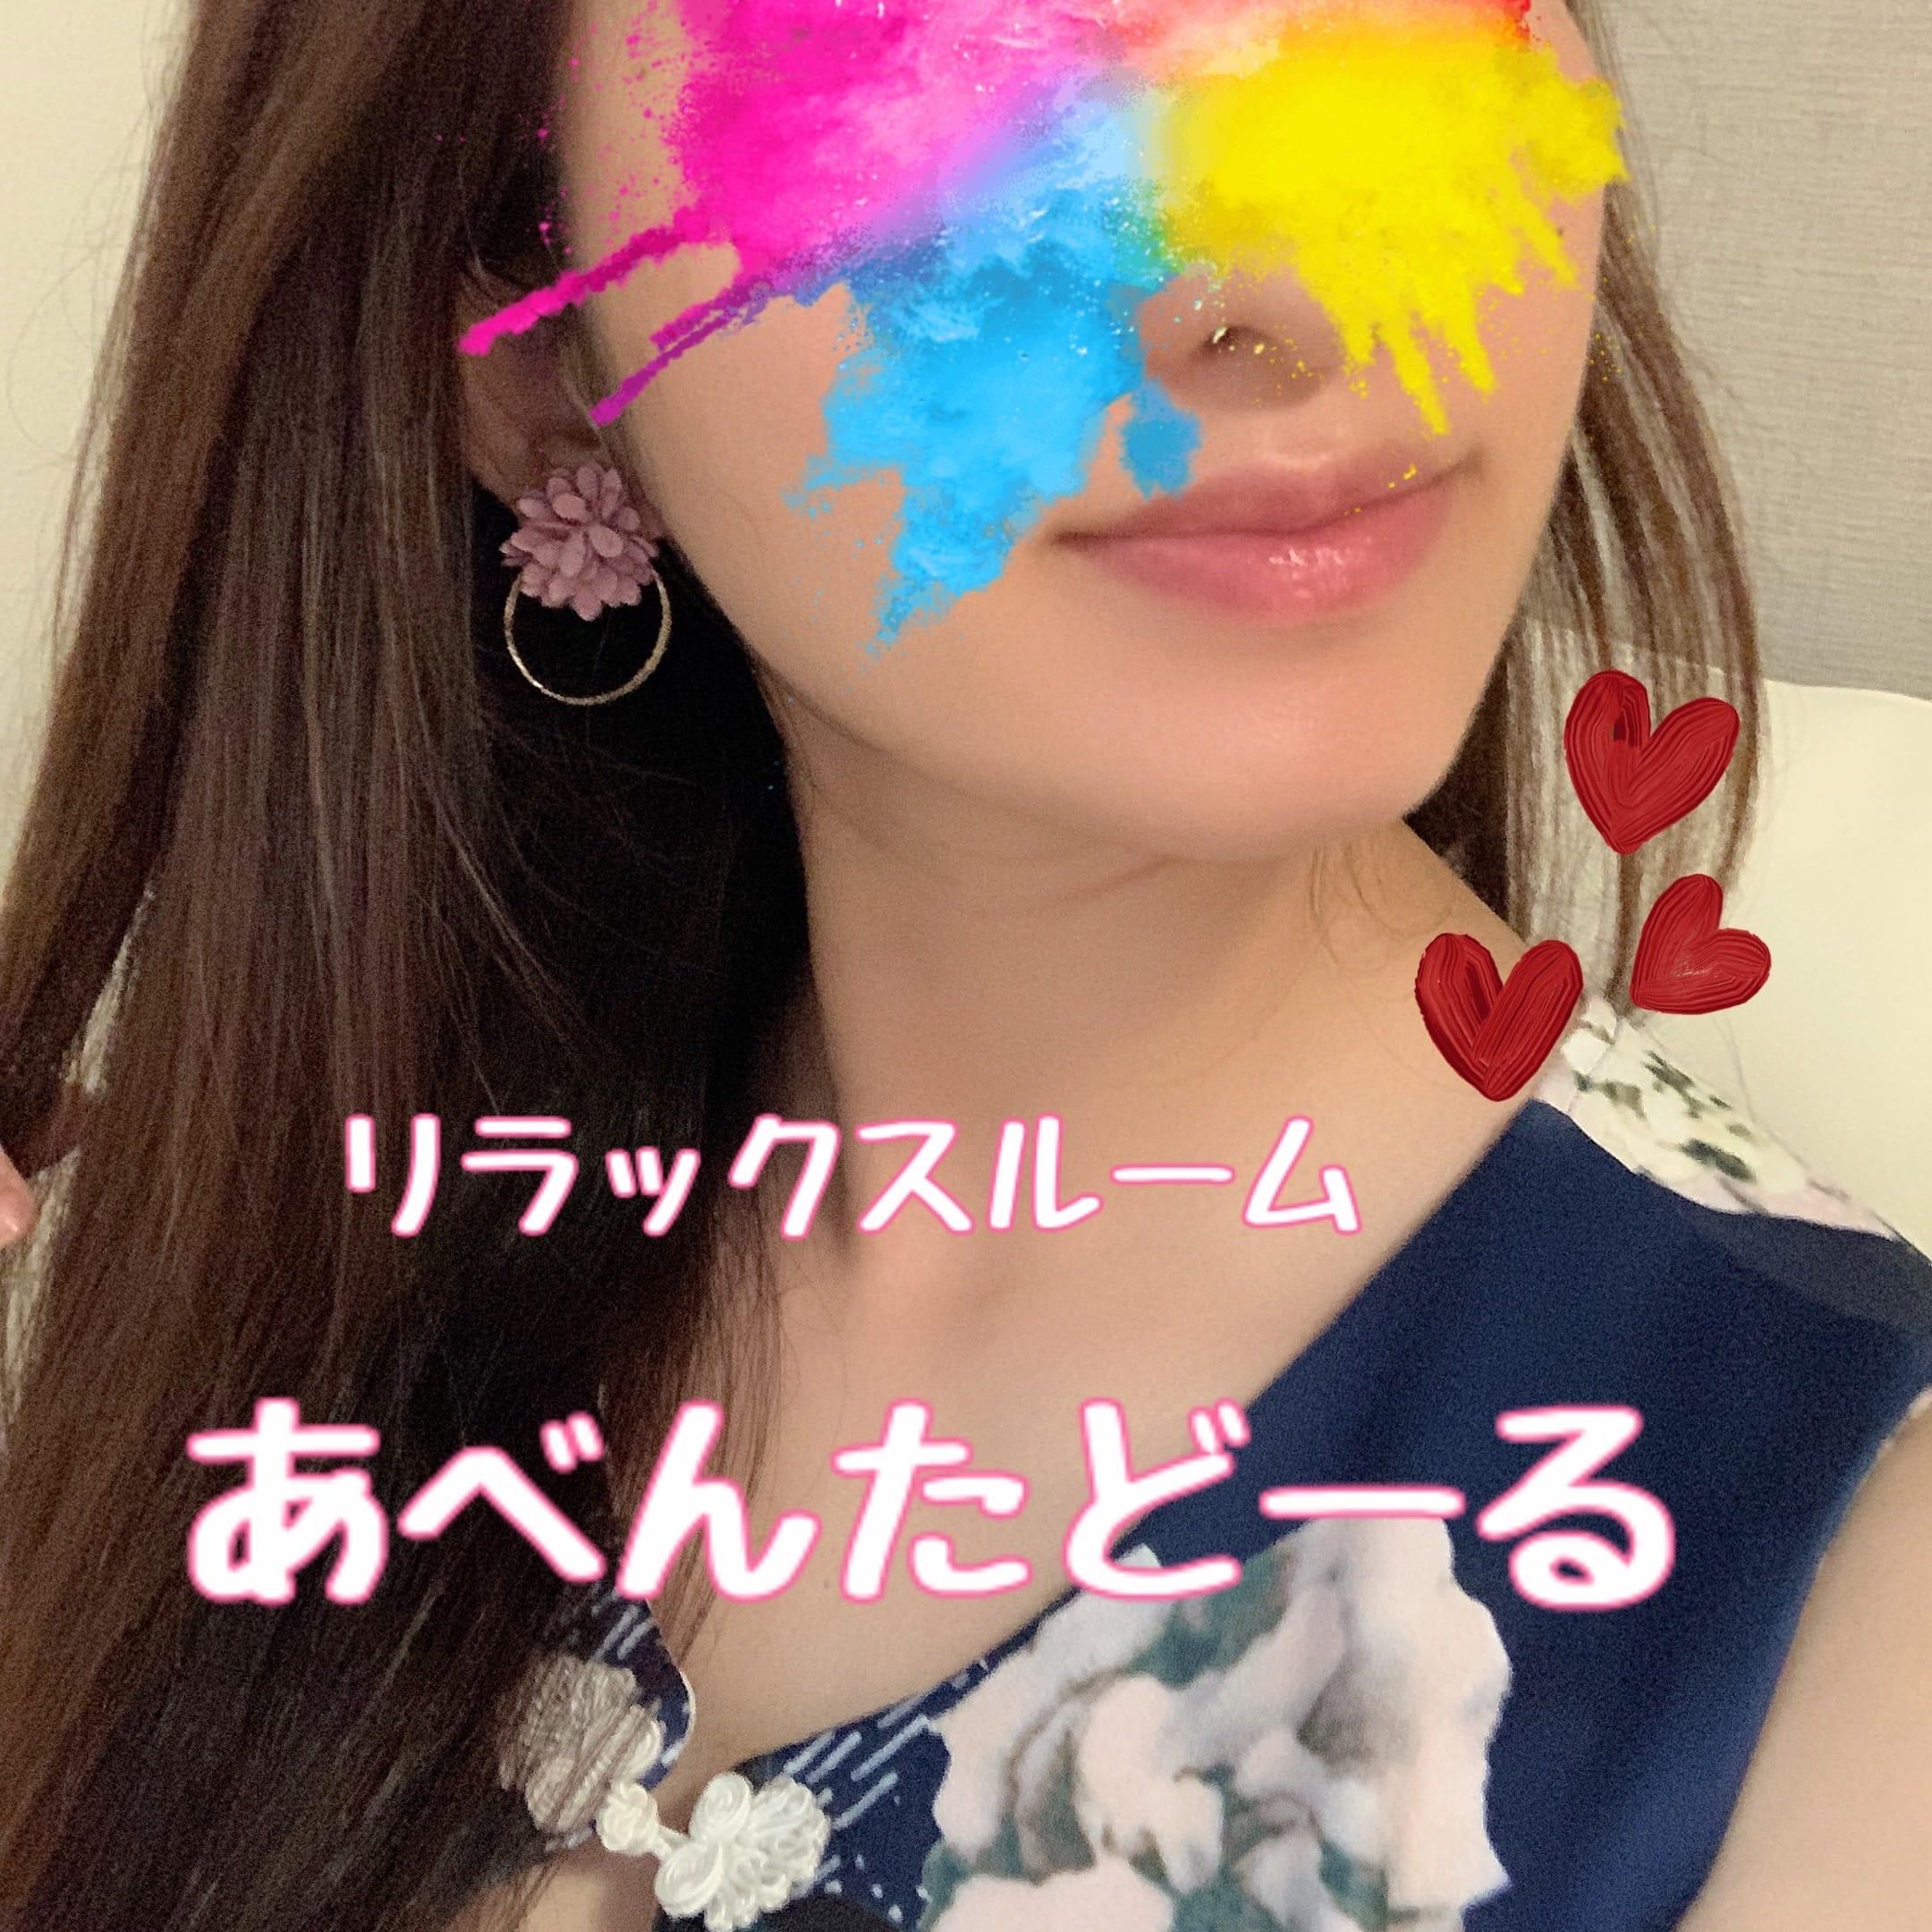 「今週の出勤予定♪(*ฅ́˘ฅ̀*)♥」07/19(月) 06:40 | ミナミ(30代)の写メ日記